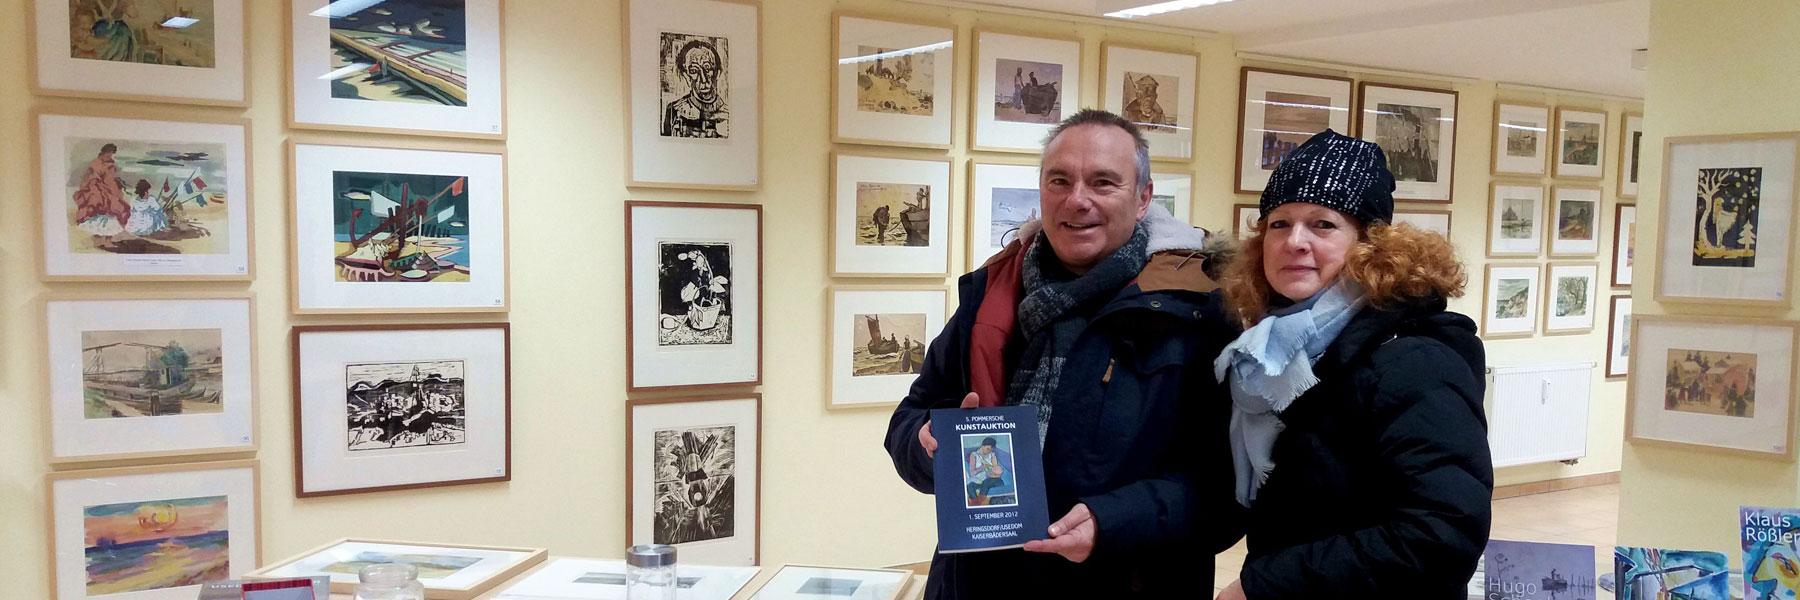 Publikationen - Koserower Kunstsalon